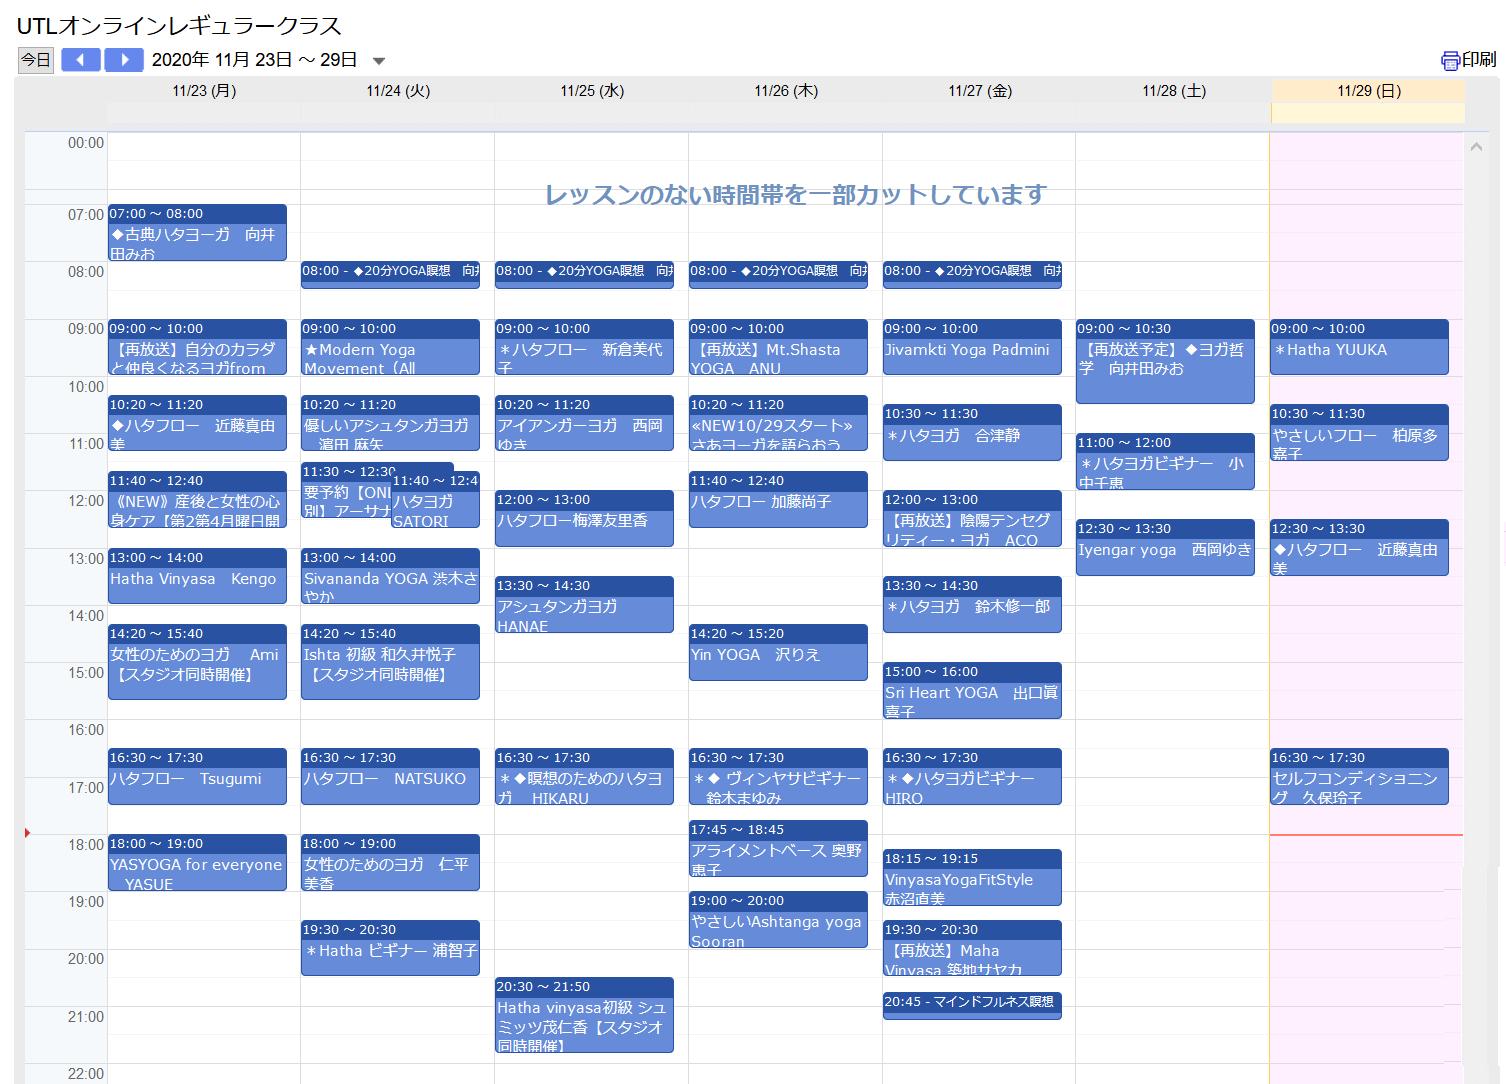 アンダーザライト週スケジュール